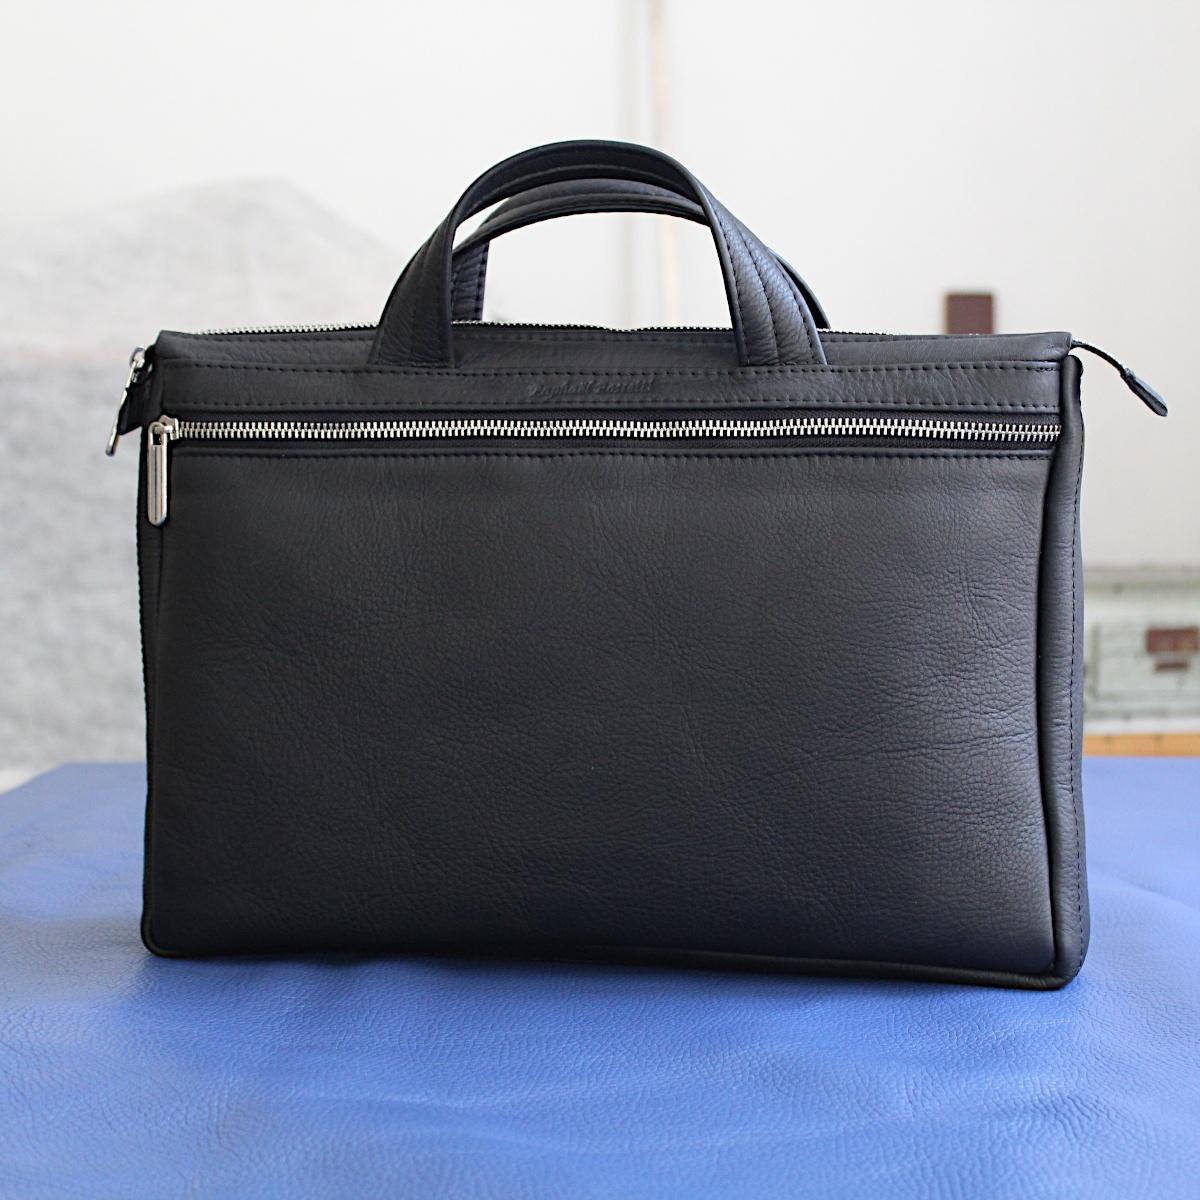 ръчно изработена черна мъжка бизнес чанта от естествена кожа отпред